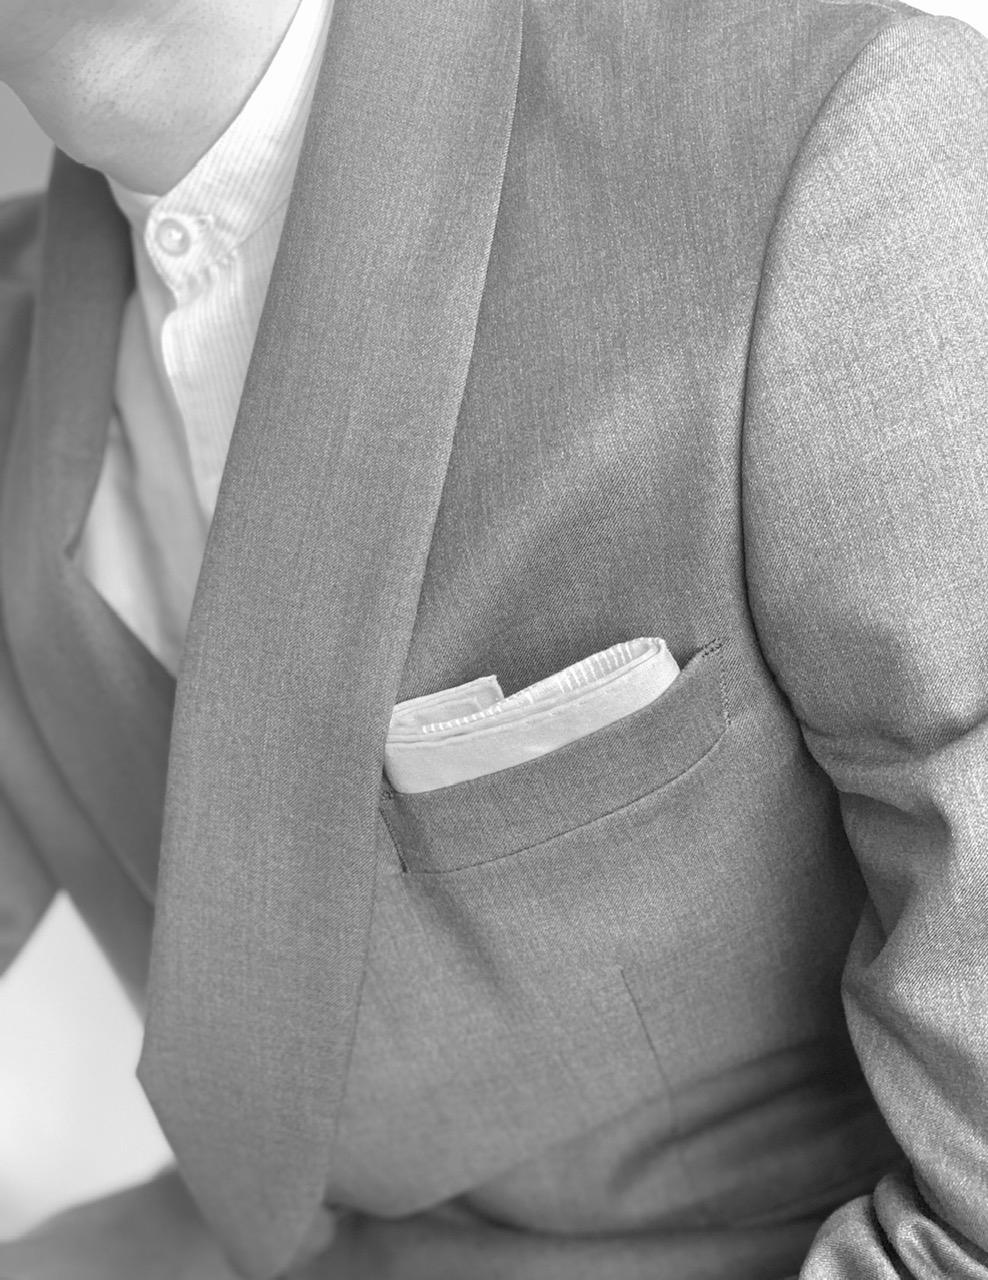 セミフォーマルやビジネスシーンで誠実さを表す「スクエアスタイル(TVフォールド)」。トリートドレッシングでは、挙式からお色直しまで様々な挙式のお客様に楽しんでいただけるよう多くの衣装と小物を取り扱っております。